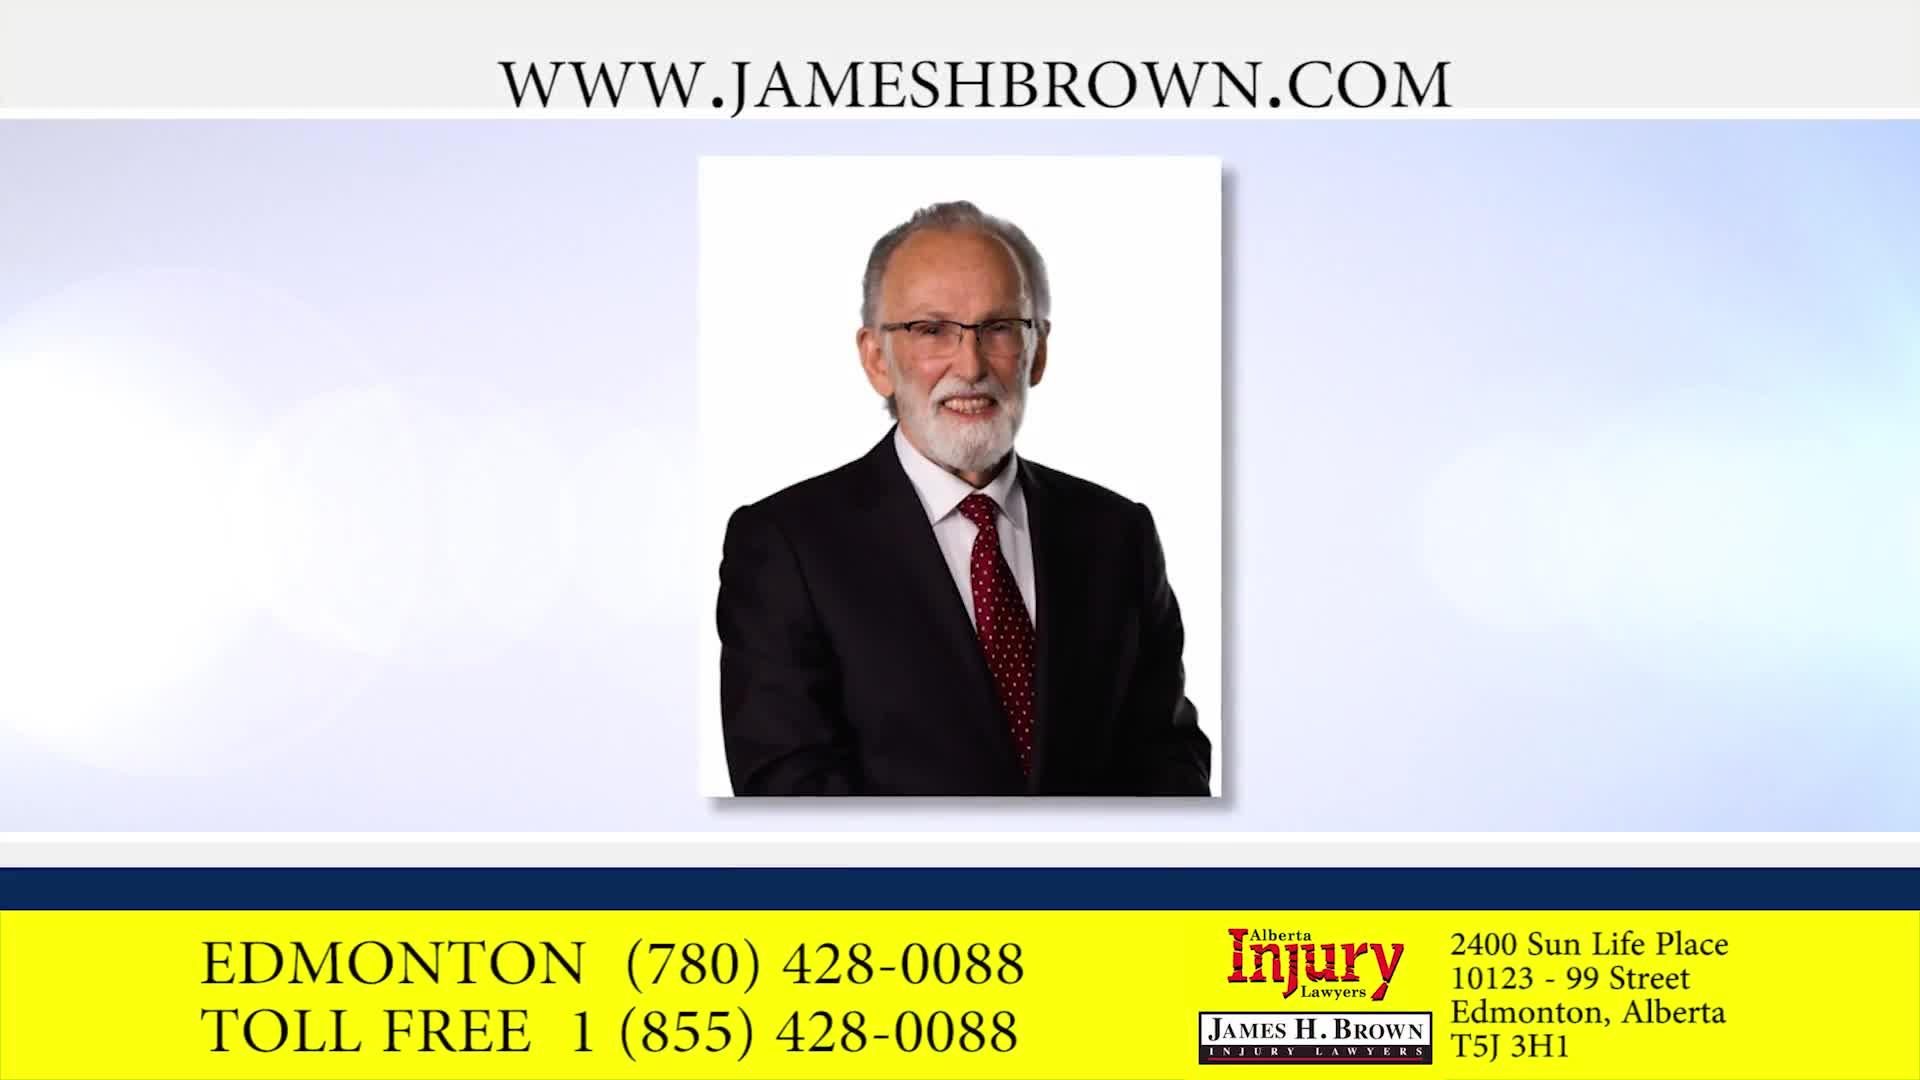 Alberta Injury Lawyers - Personal Injury Lawyers - 1-844-280-7074